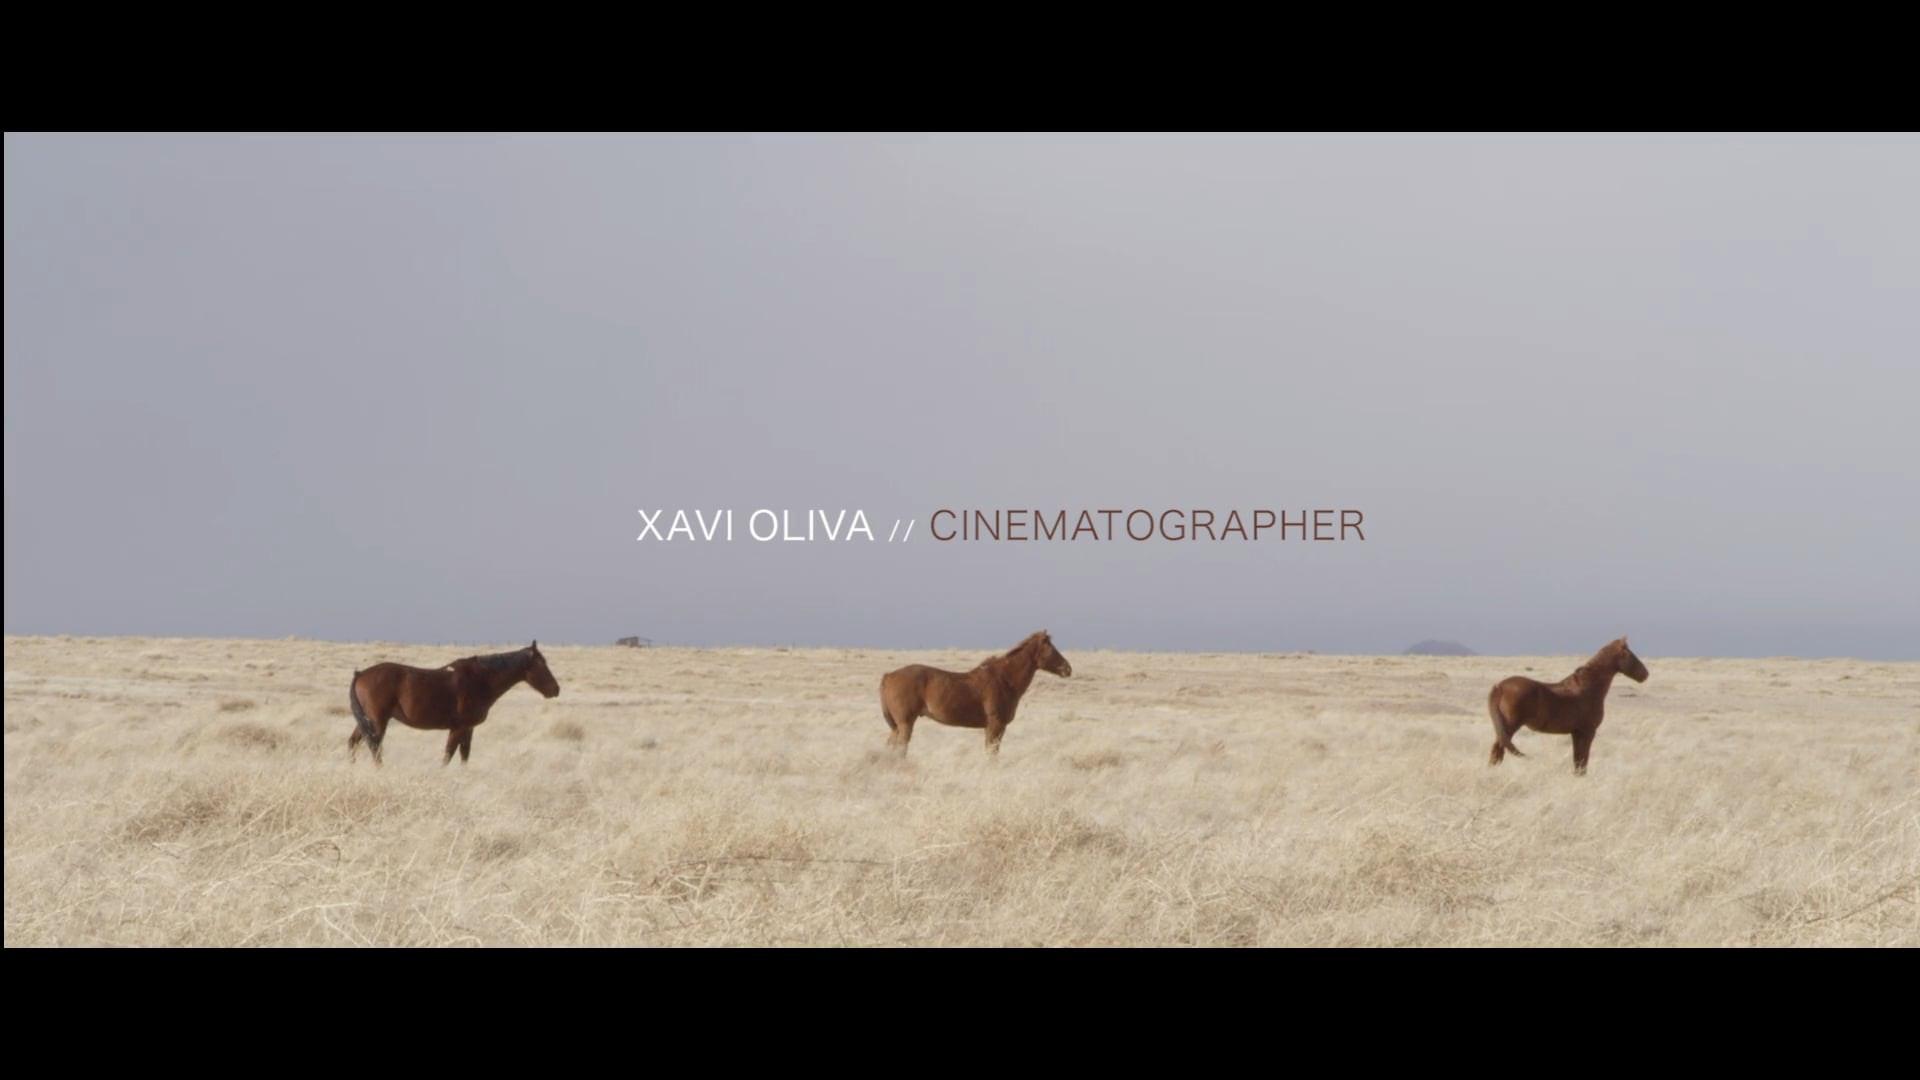 Xavi Oliva 2019 Reel DoP